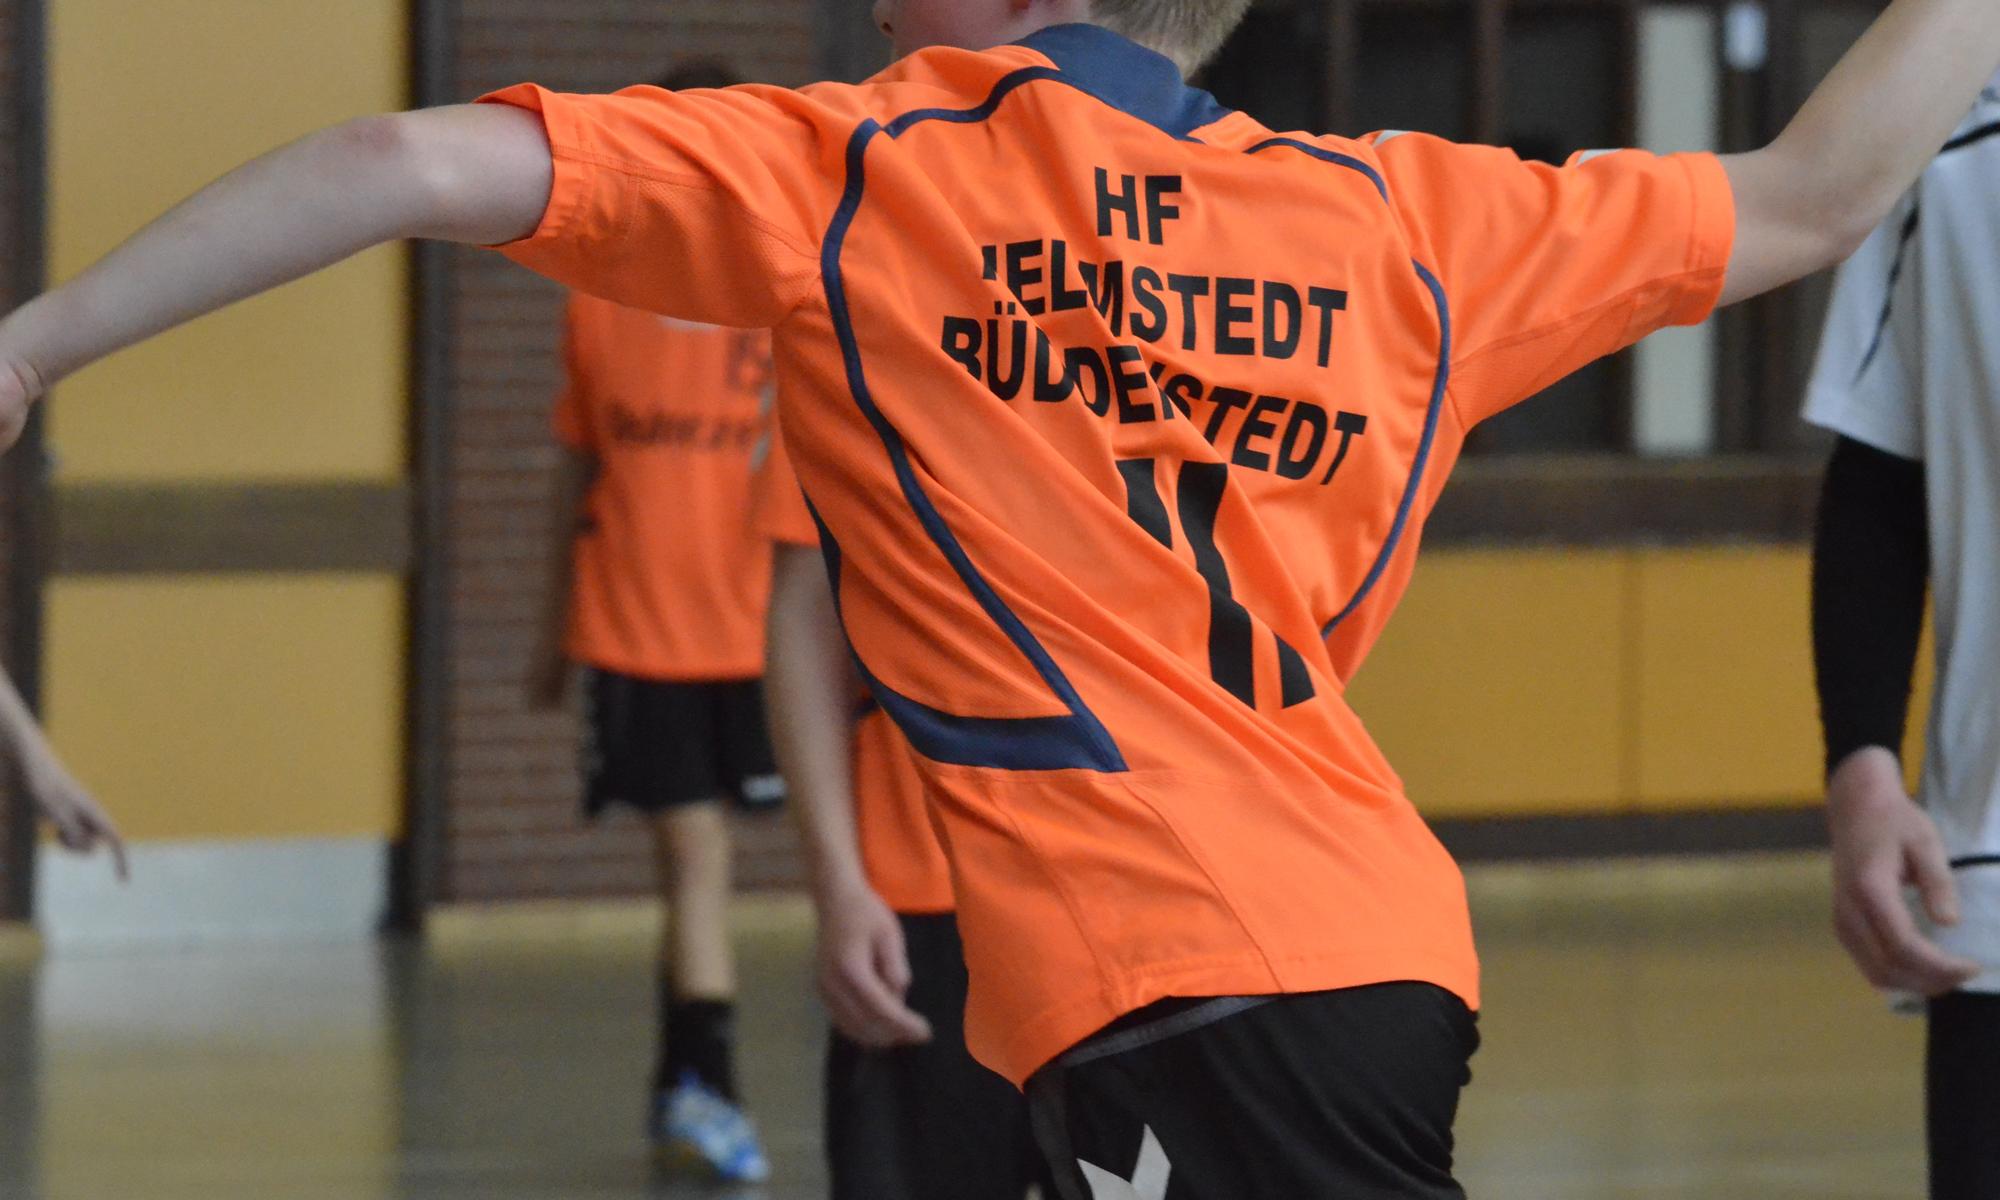 HF Helmstedt-Büddenstedt